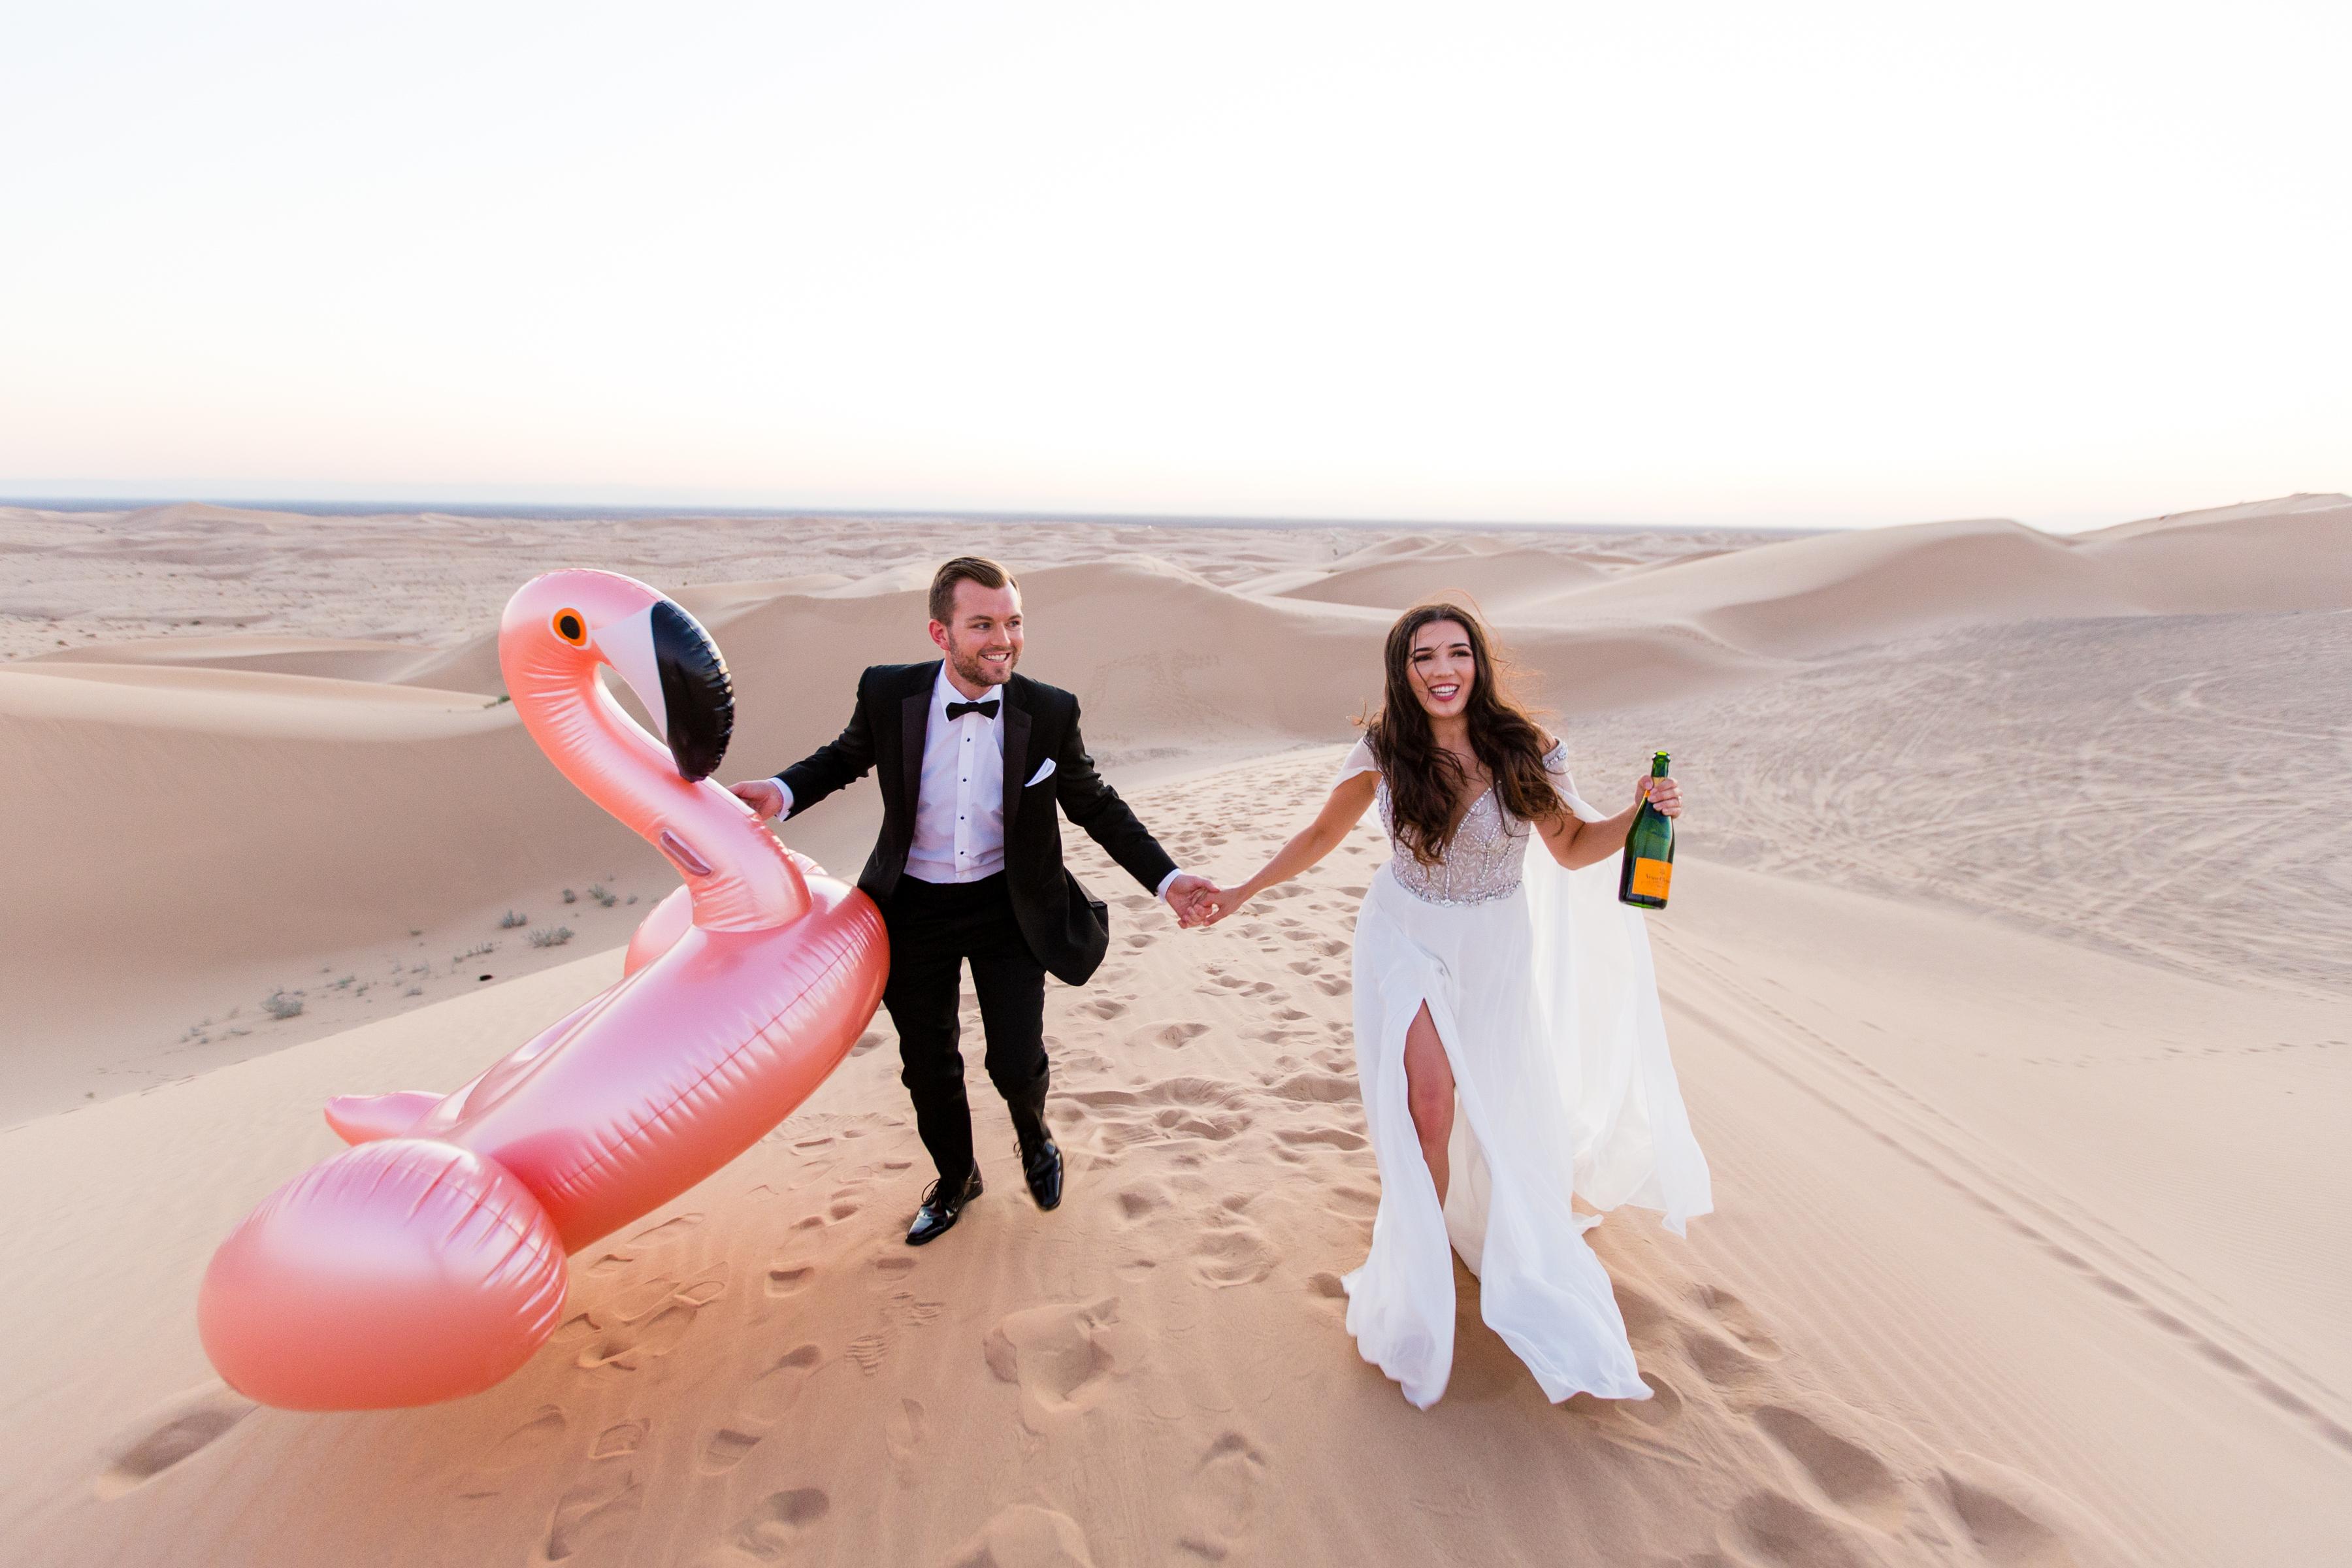 outdoor engagement photo in desert